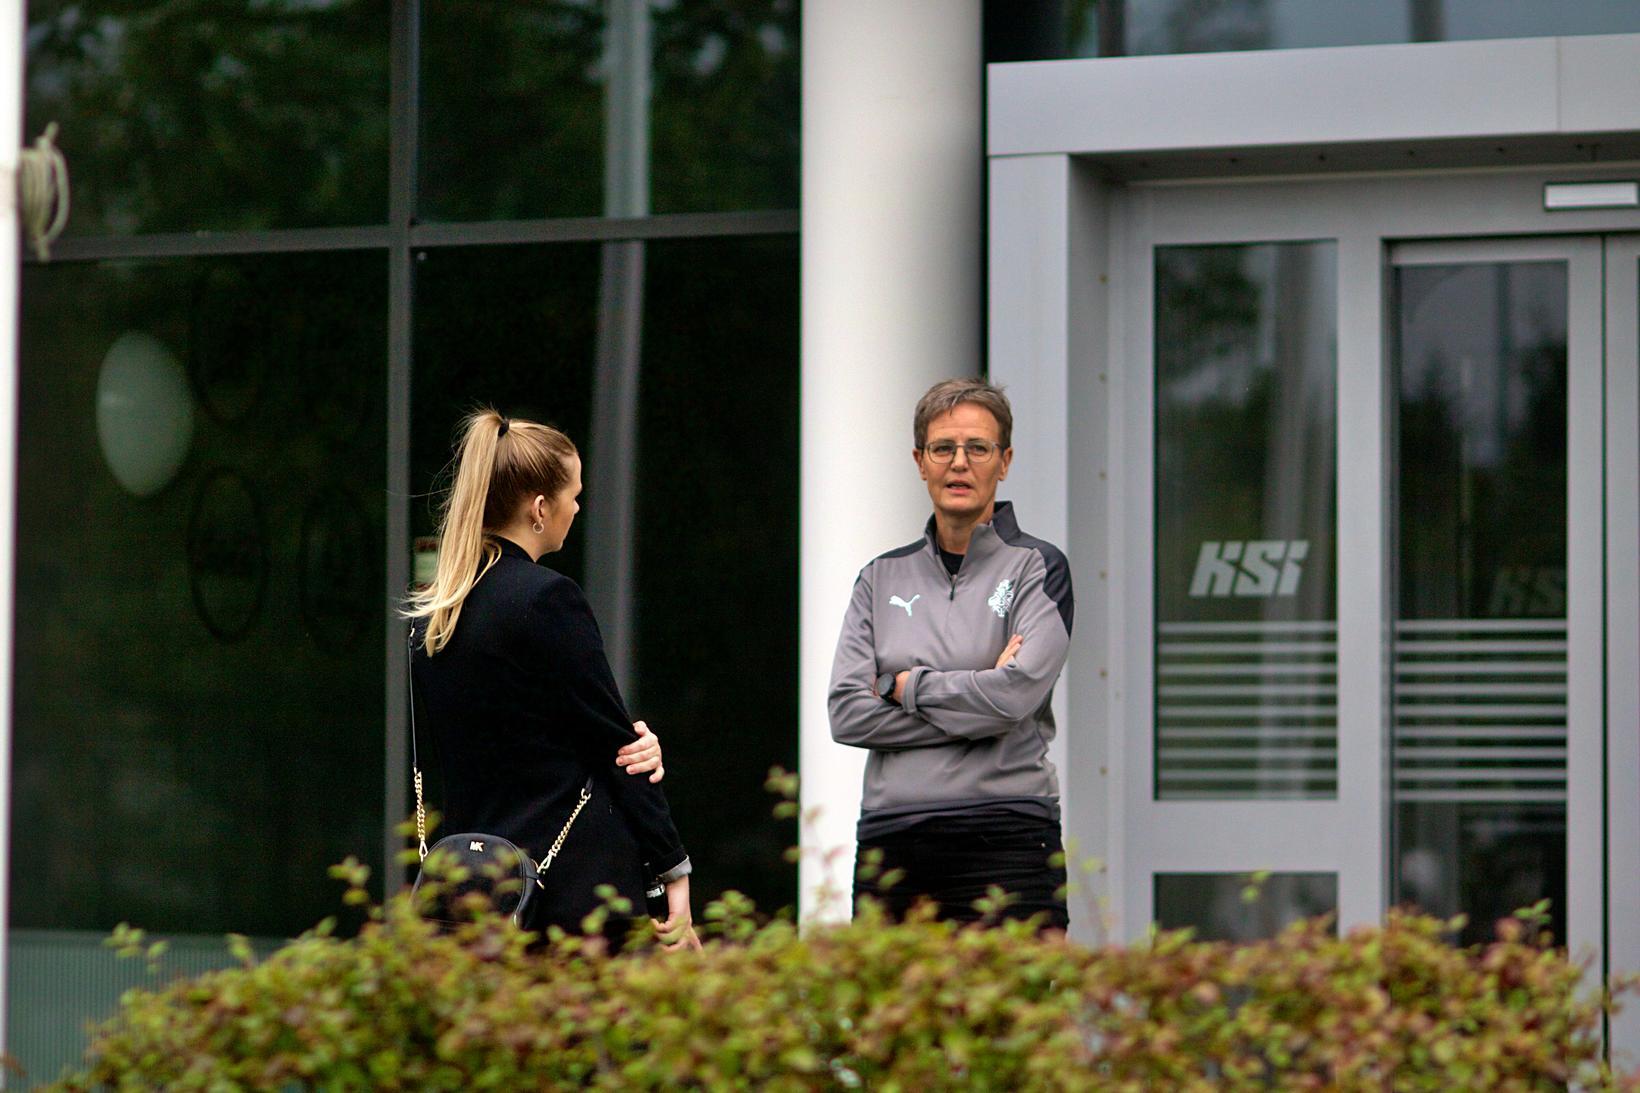 Klara Bjartmarz, right, managing director of KSÍ.